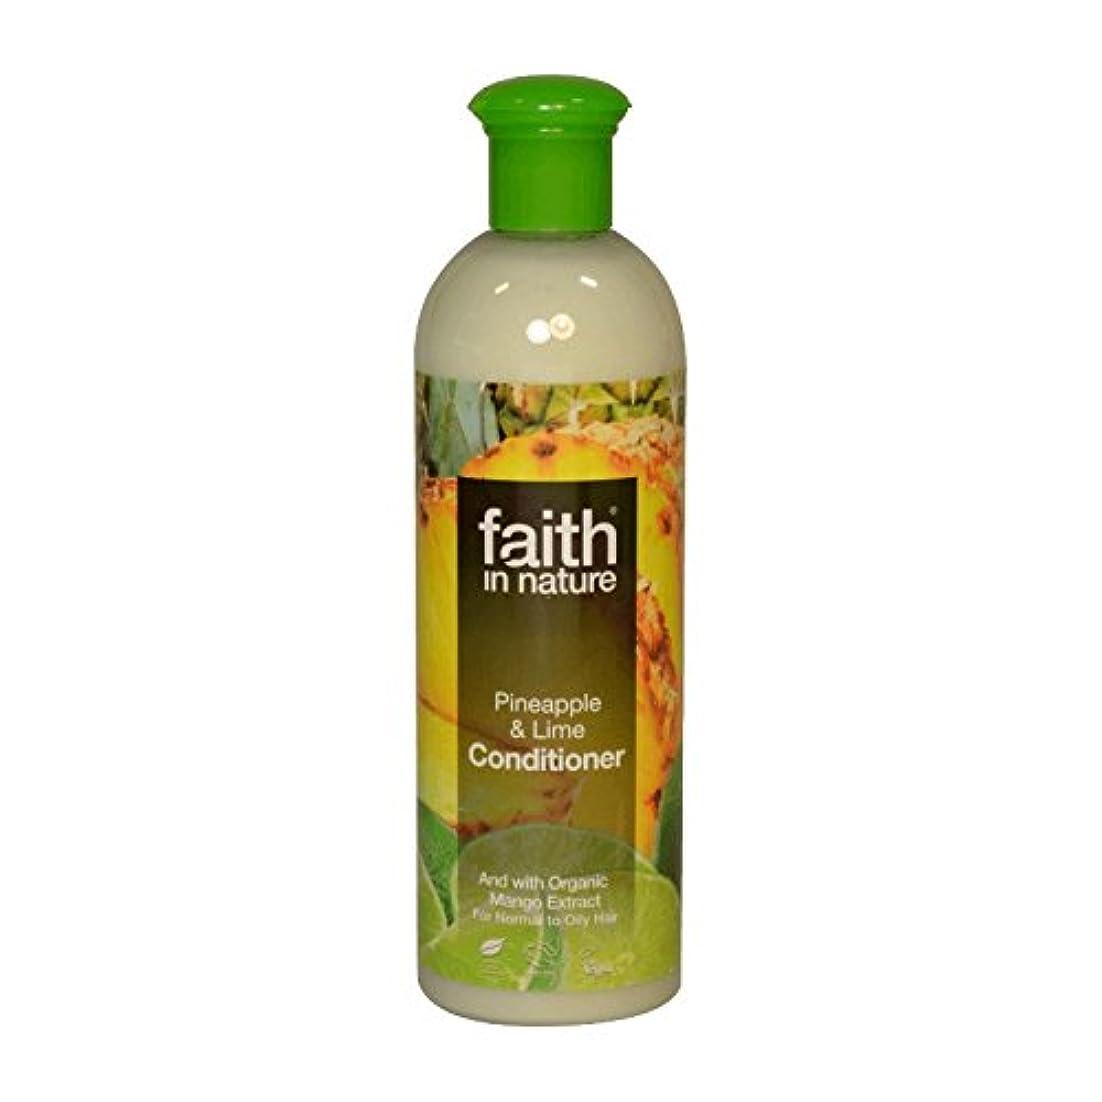 シールドハッピー遵守するFaith in Nature Pineapple & Lime Conditioner 400ml (Pack of 6) - 自然パイナップル&ライムコンディショナー400ミリリットルの信仰 (x6) [並行輸入品]